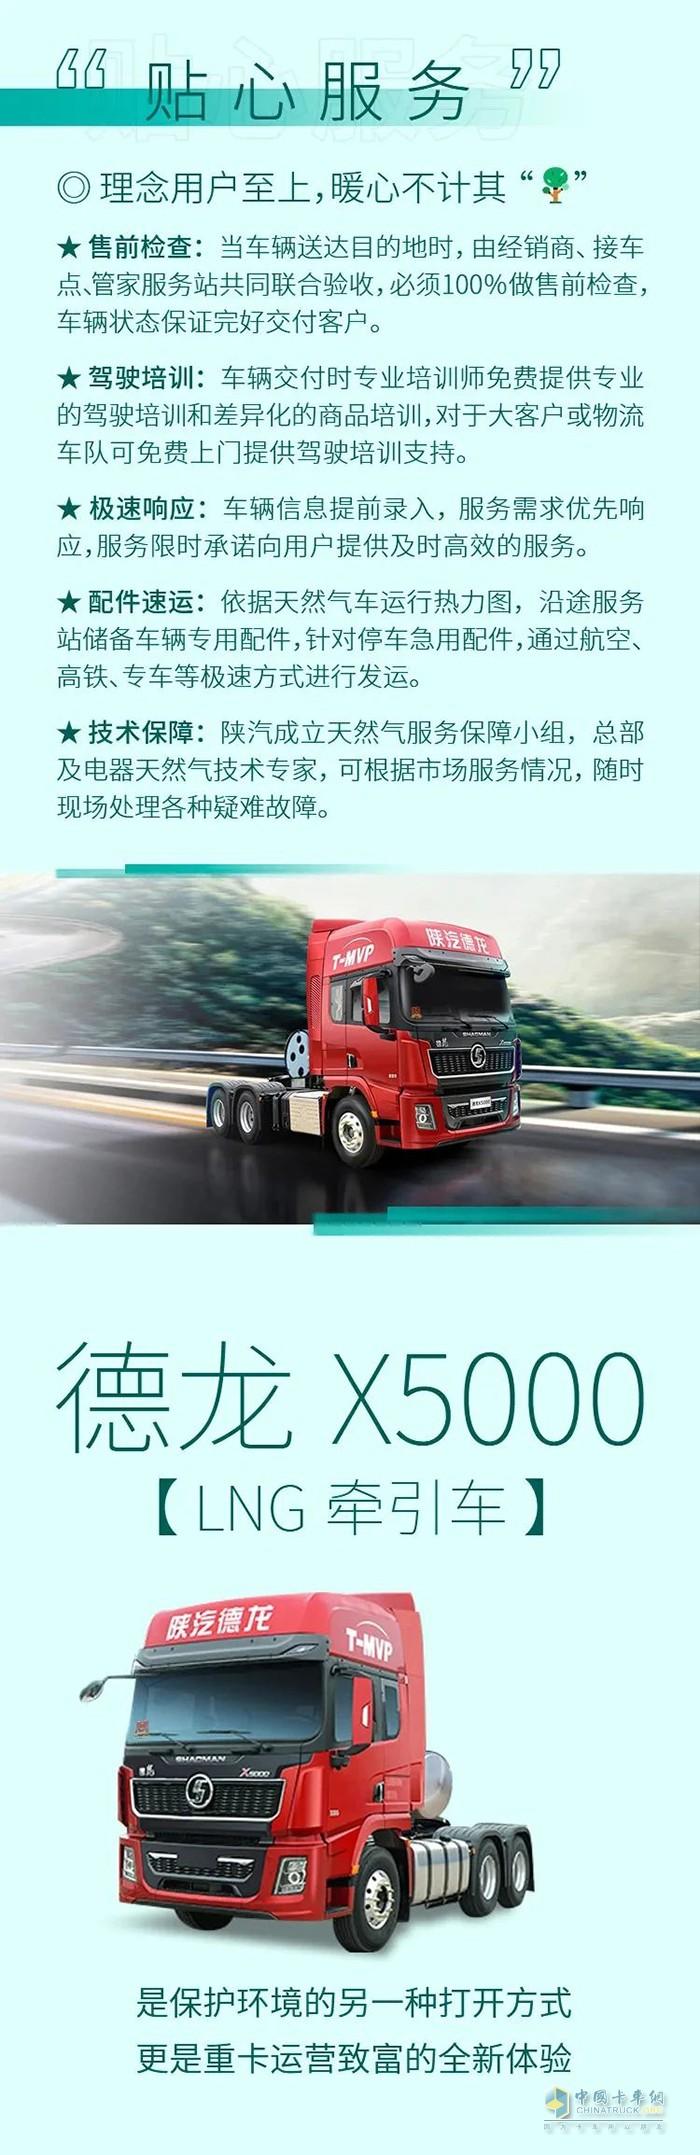 德龙X5000